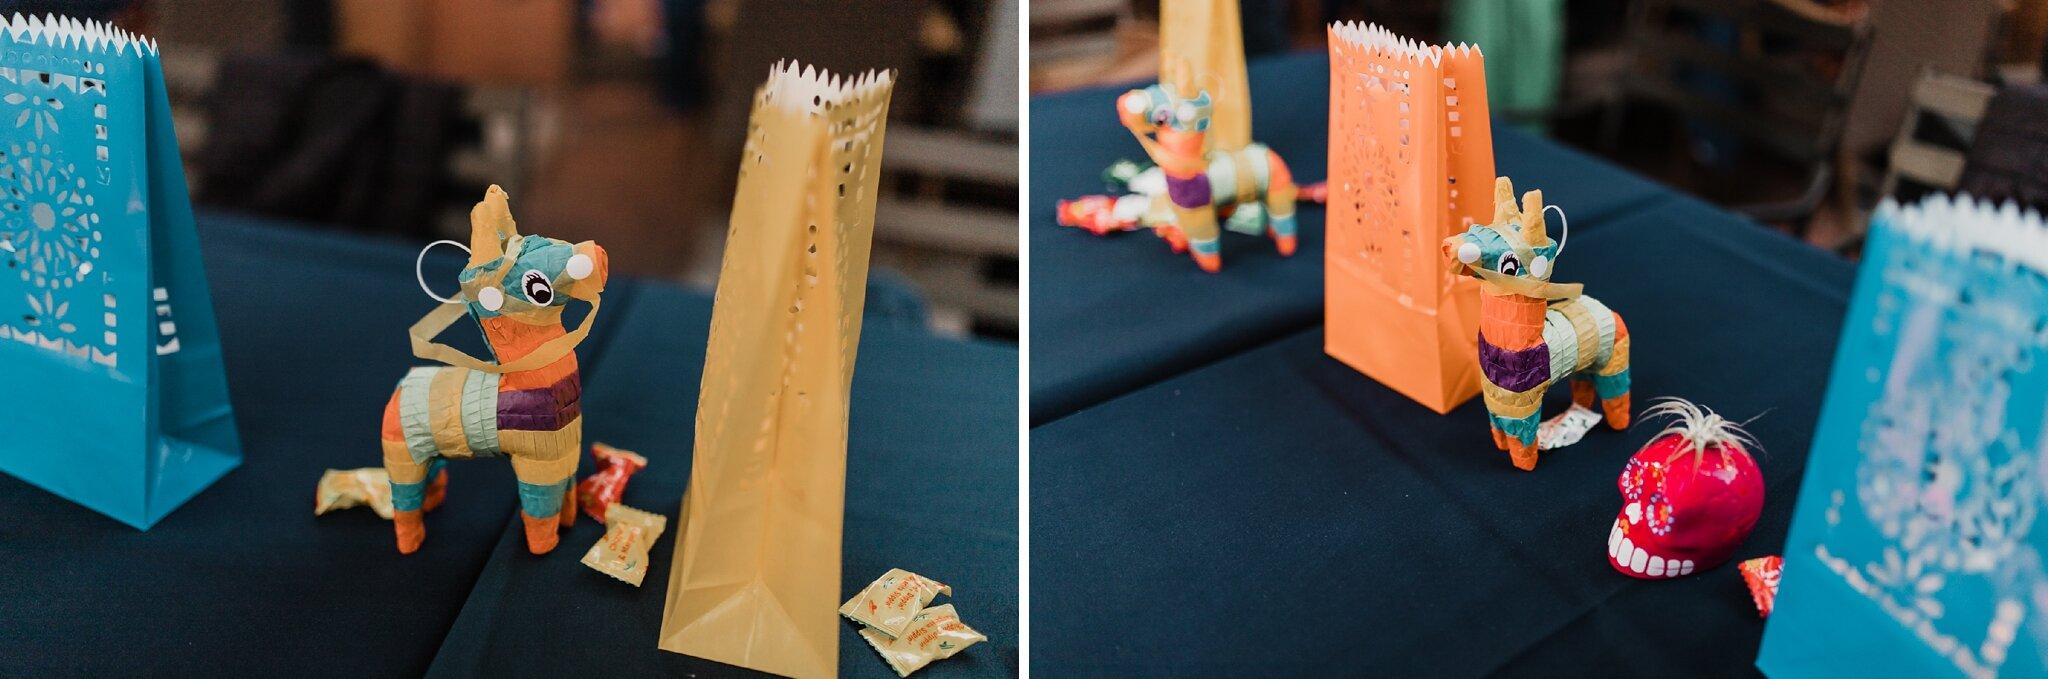 Alicia+lucia+photography+-+albuquerque+wedding+photographer+-+santa+fe+wedding+photography+-+new+mexico+wedding+photographer+-+new+mexico+wedding+-+rehearsal+dinner+-+wedding+rehearsal+dinner+-+santa+fe+rehearsal+dinner+-+chicago+bride_0011.jpg